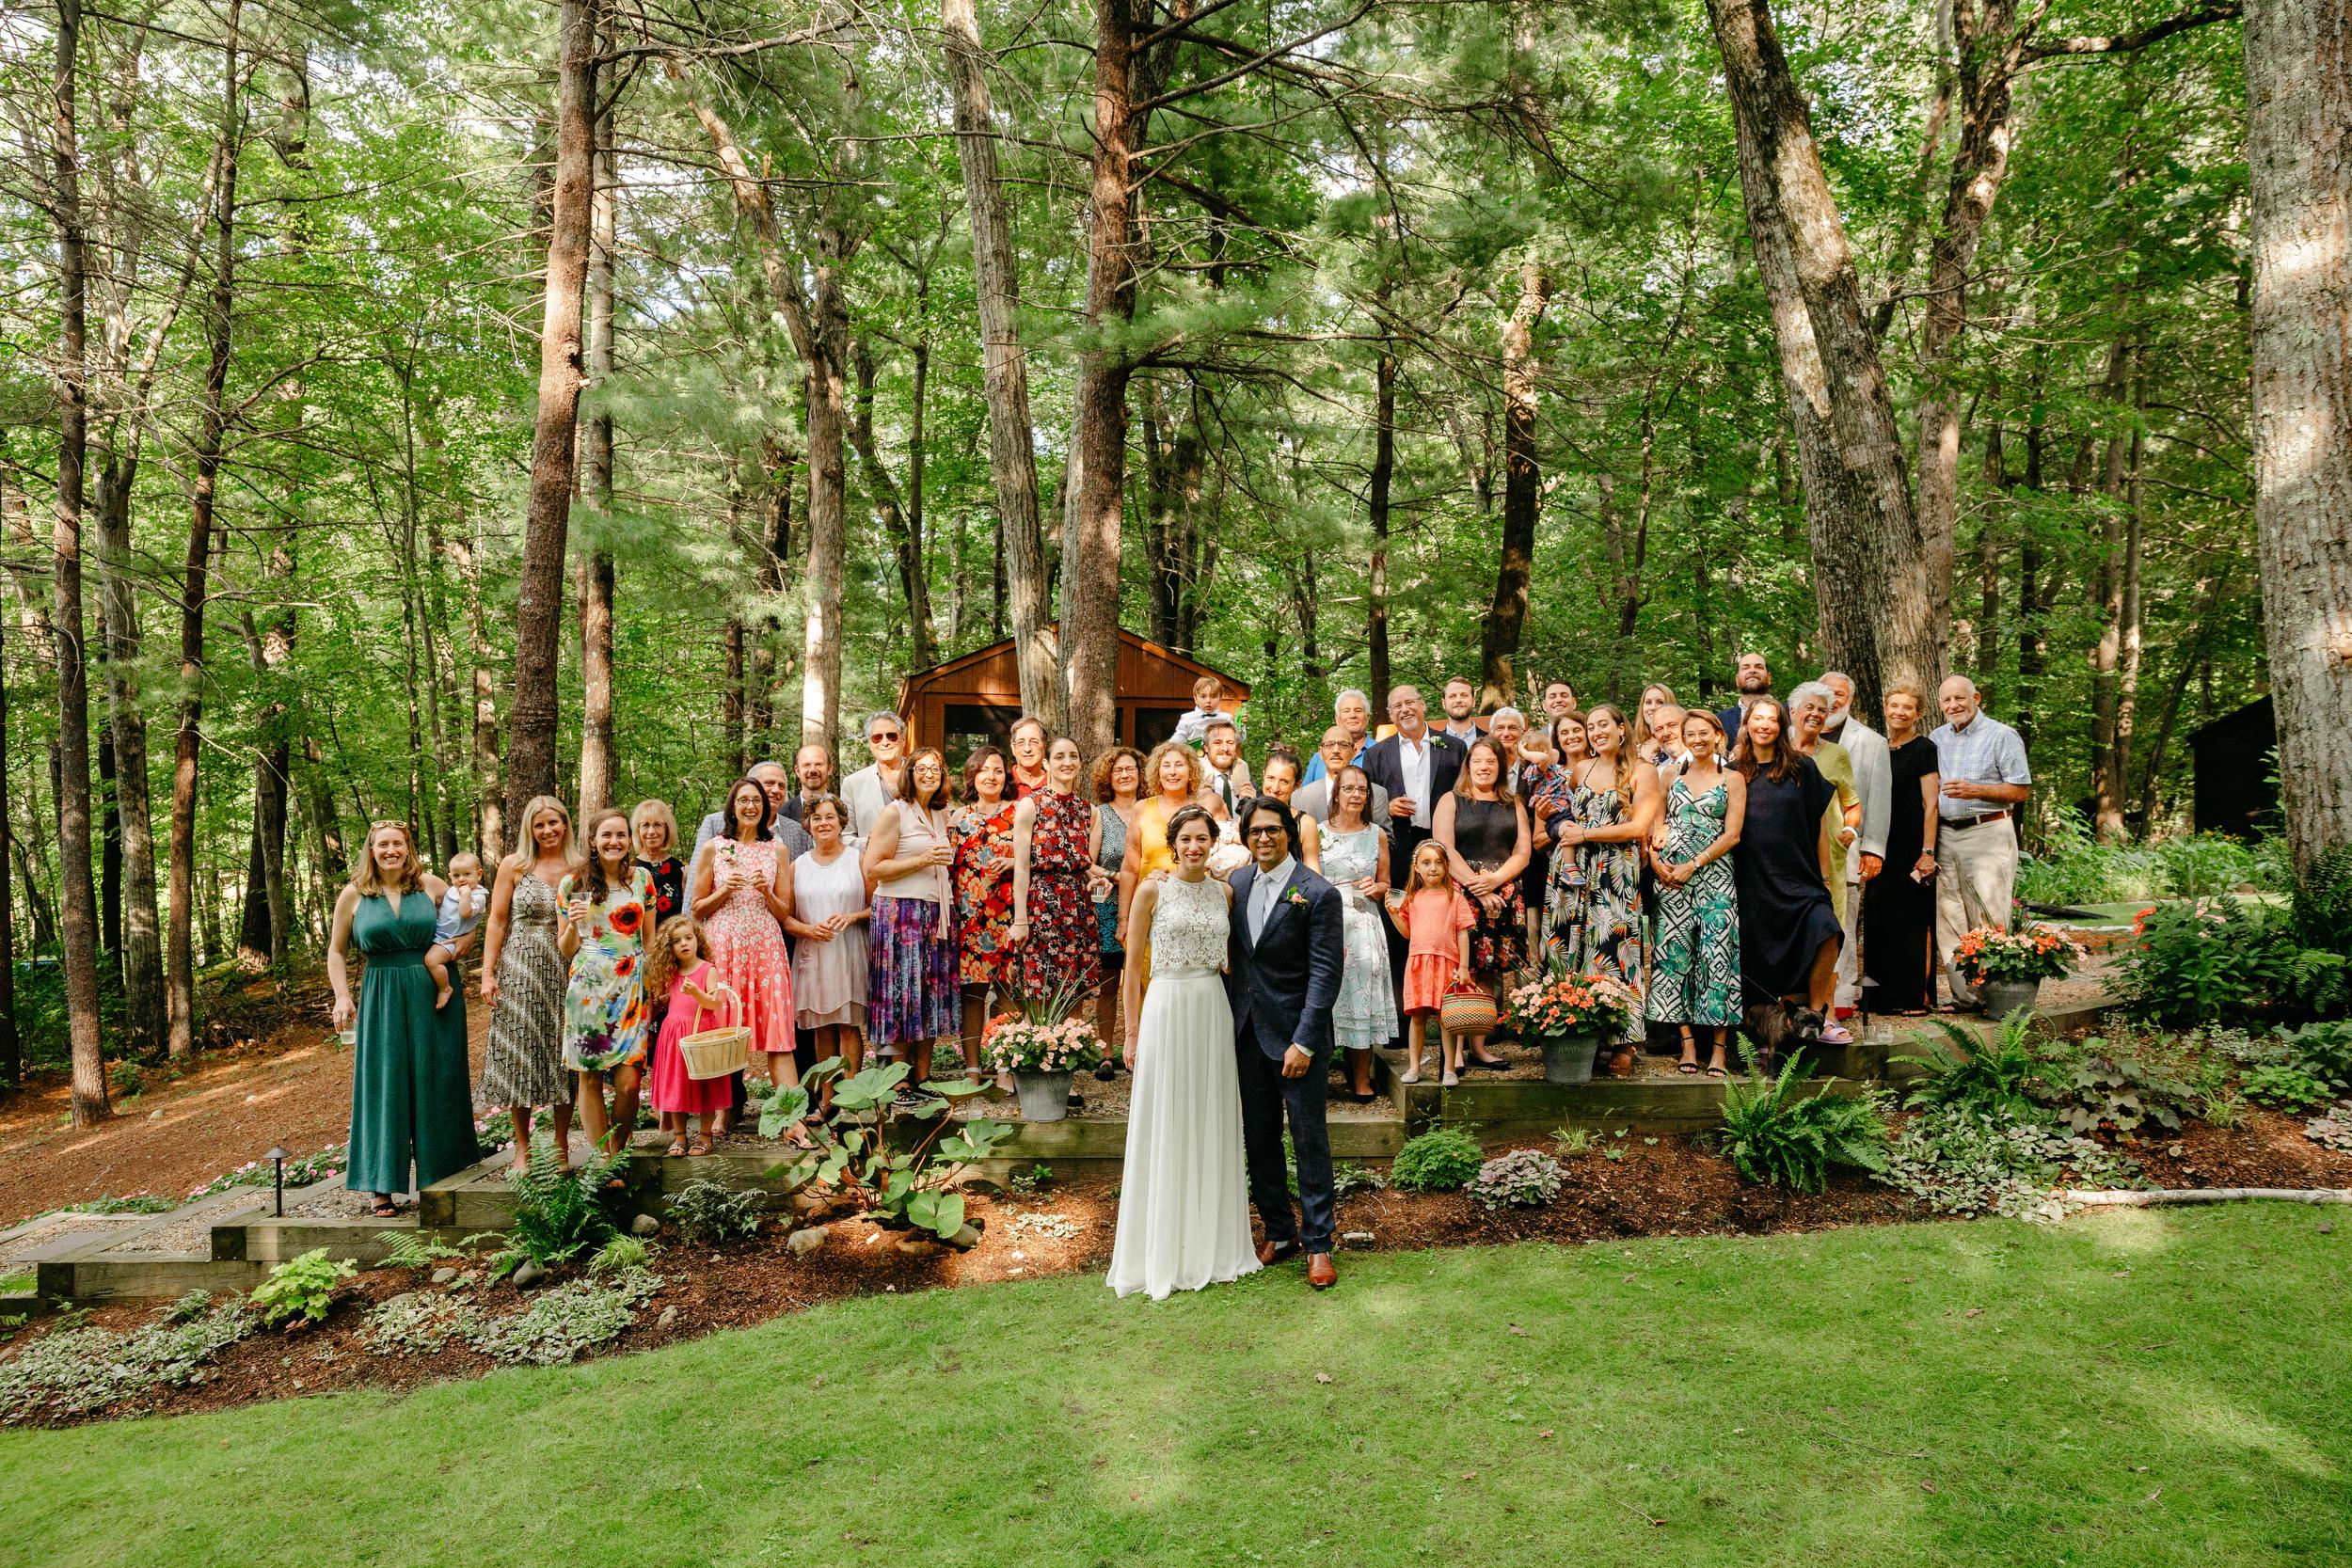 capecod_backyard_wedding_photos_mikhail_28.JPG